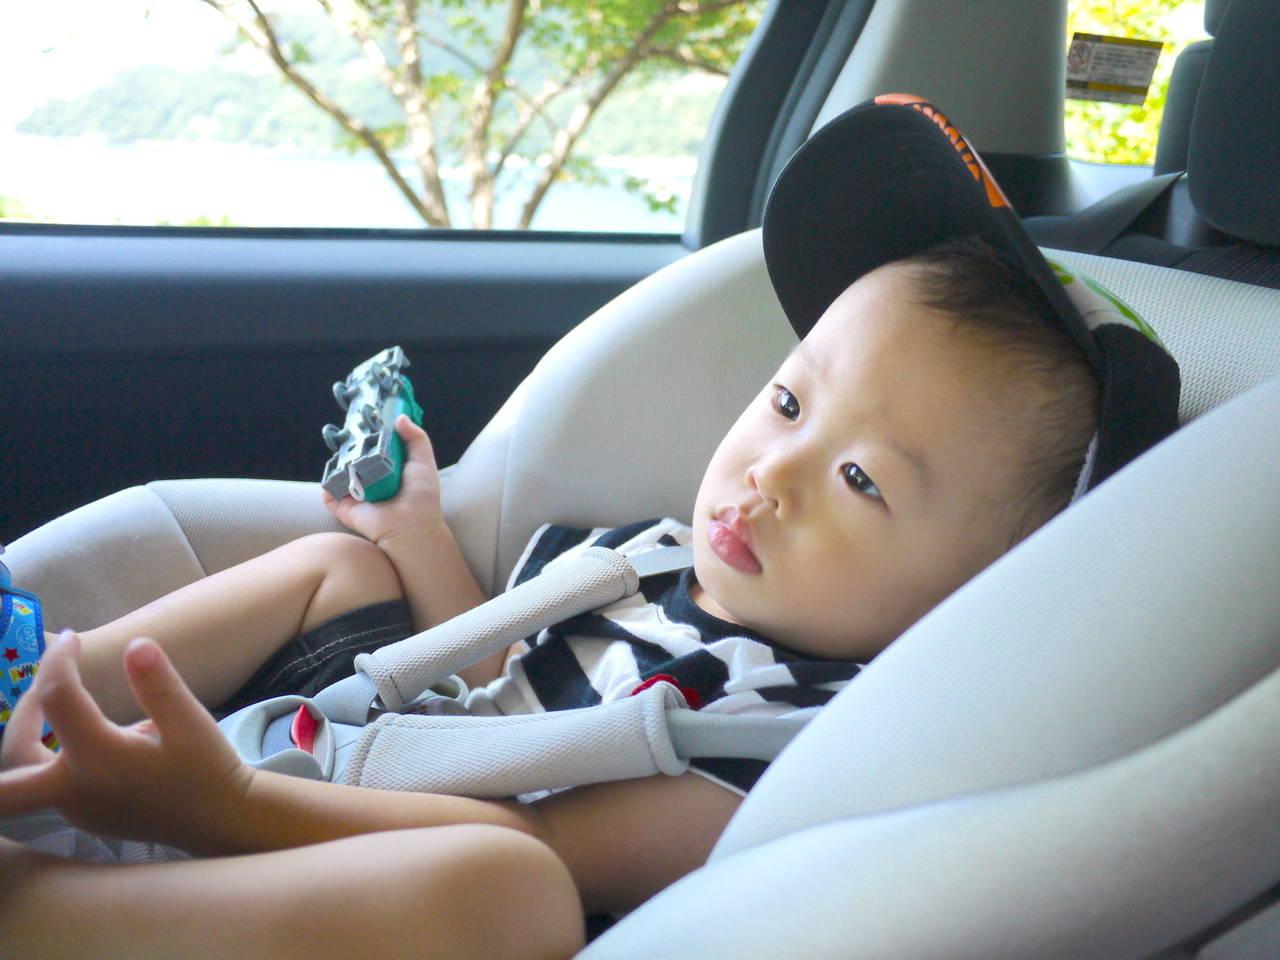 車内で増える子どもの荷物の収納法!選び方とおすすめの収納グッズ